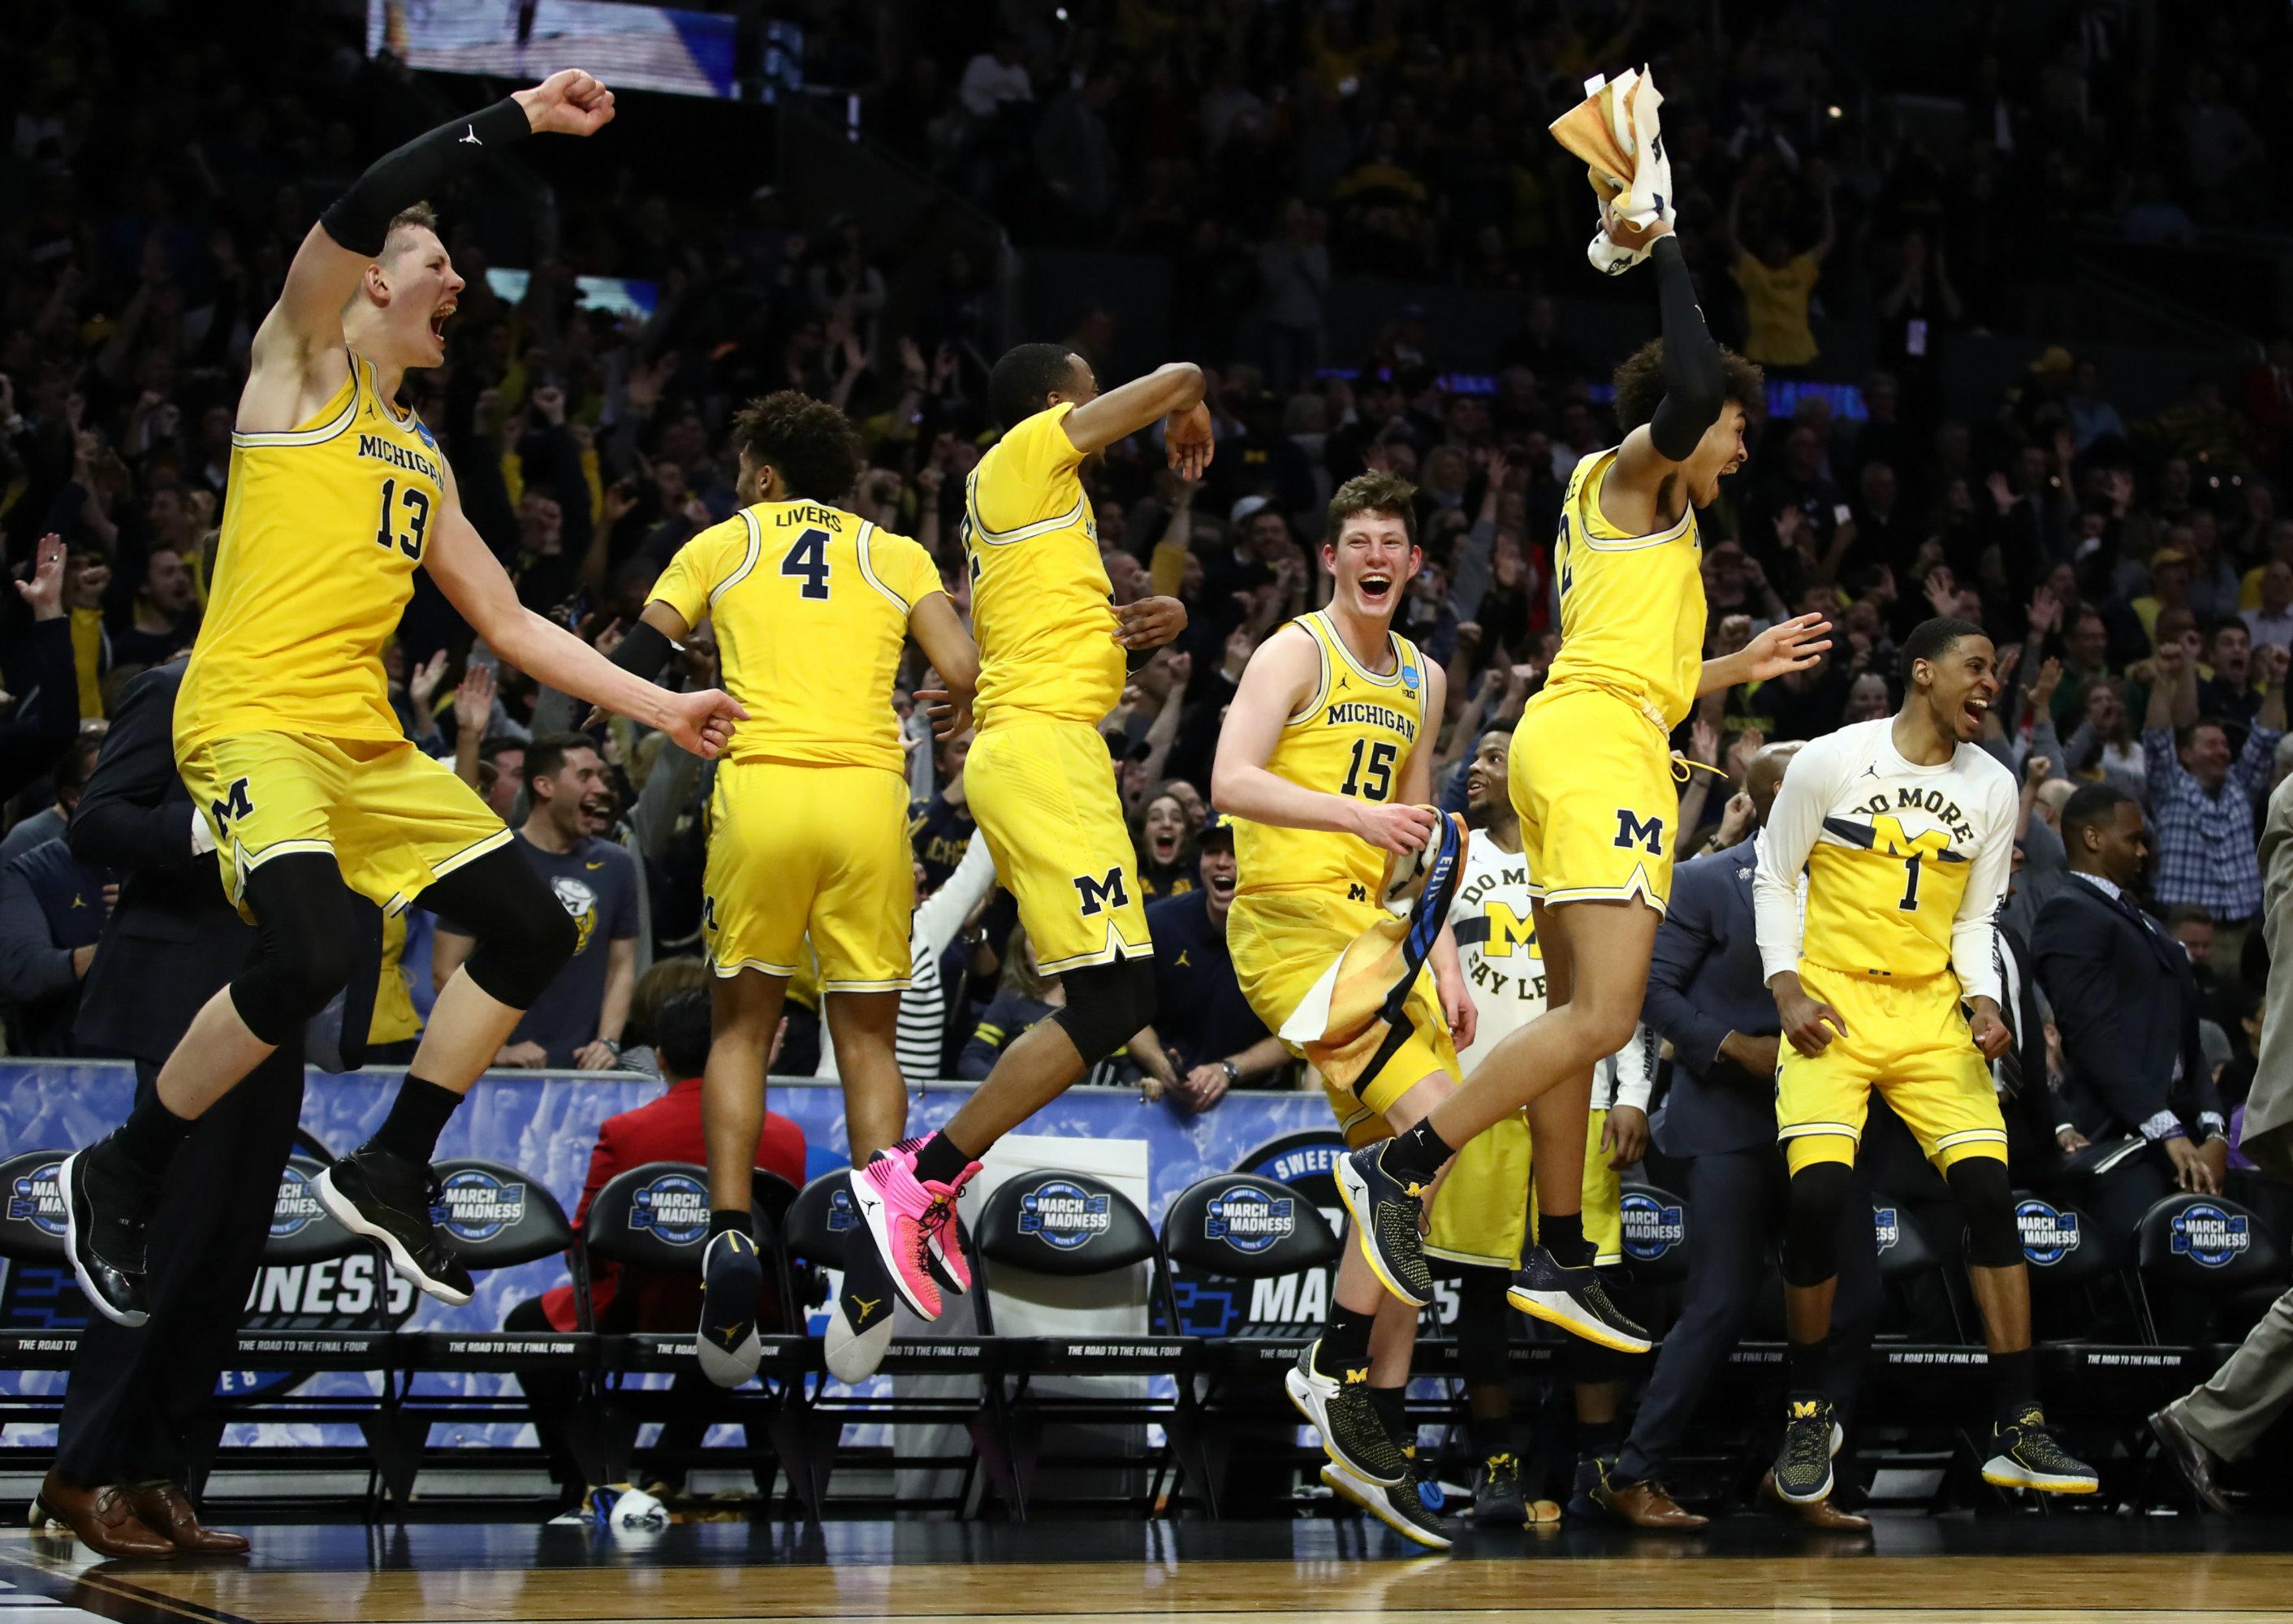 michigan basketball - photo #13